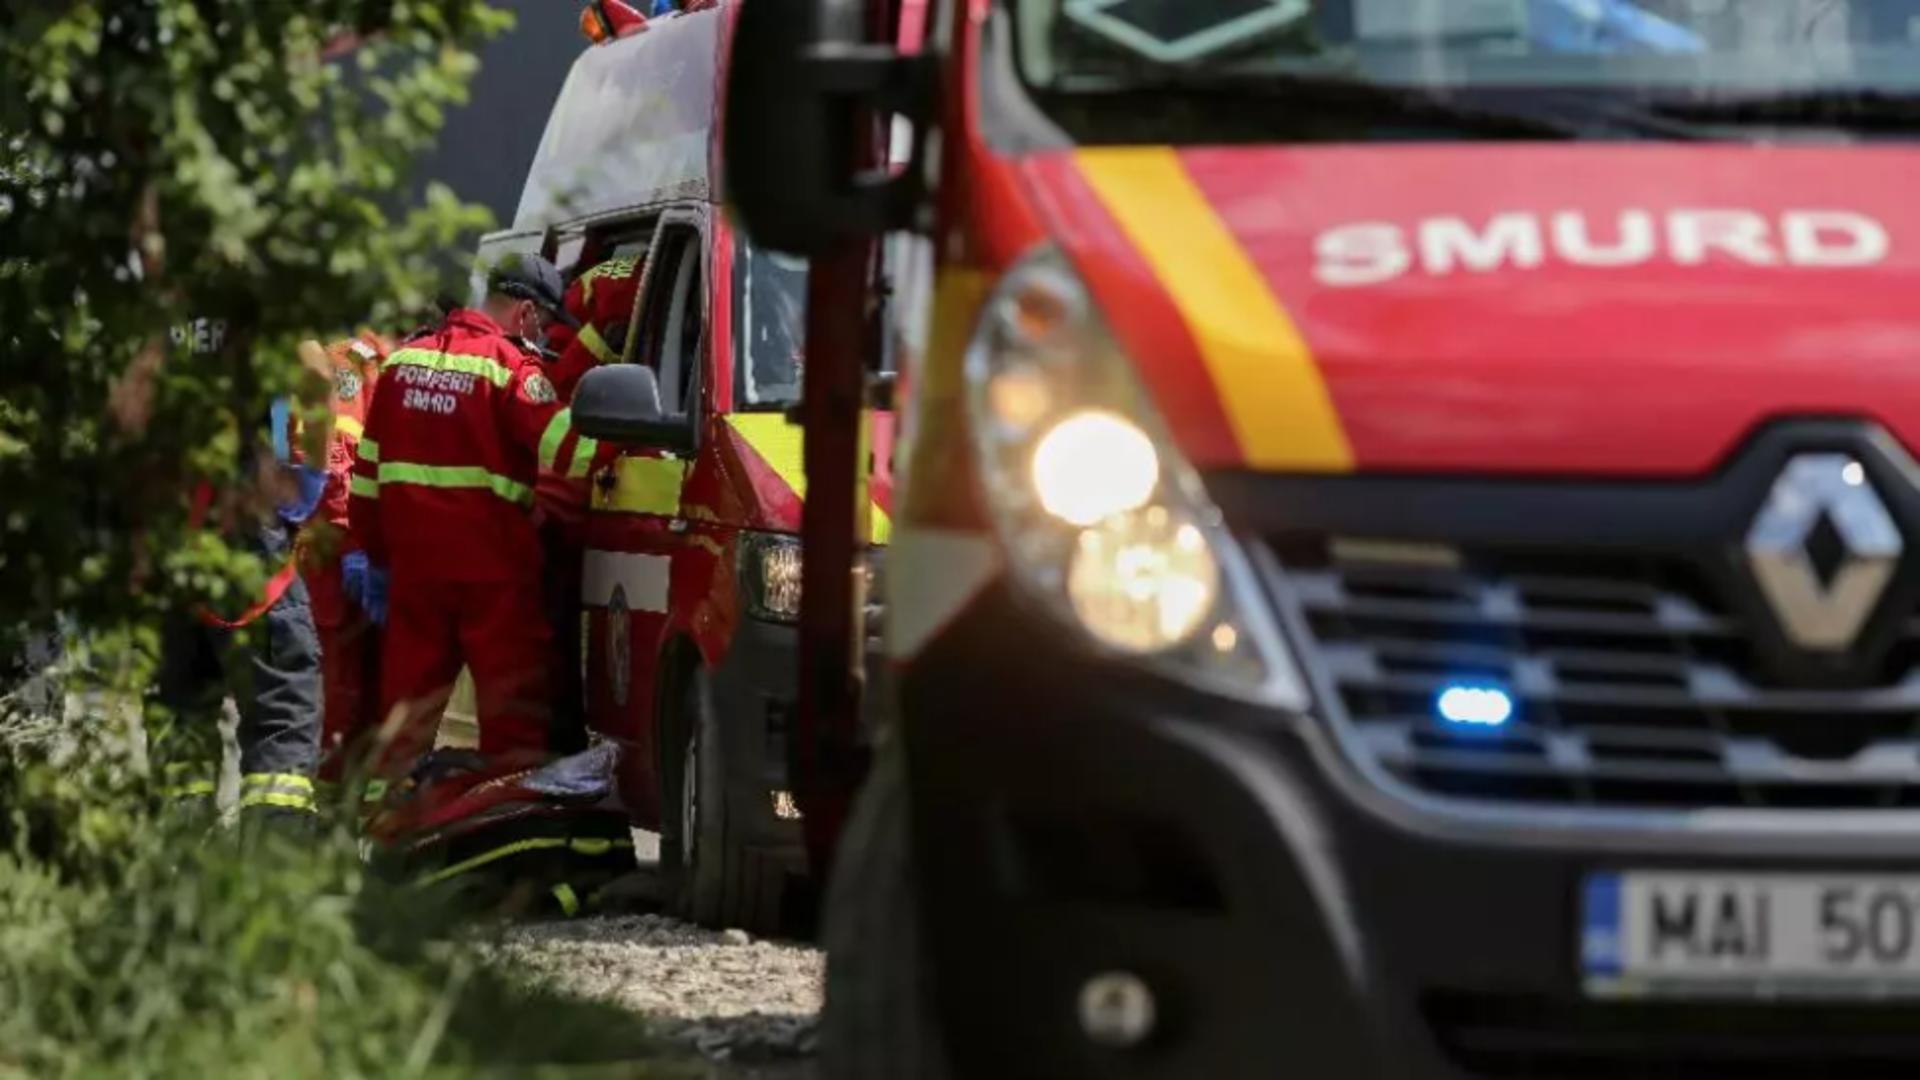 Incendiu Popești Leordeni. Foto: Inquam / Sabin Cîrstoveanu